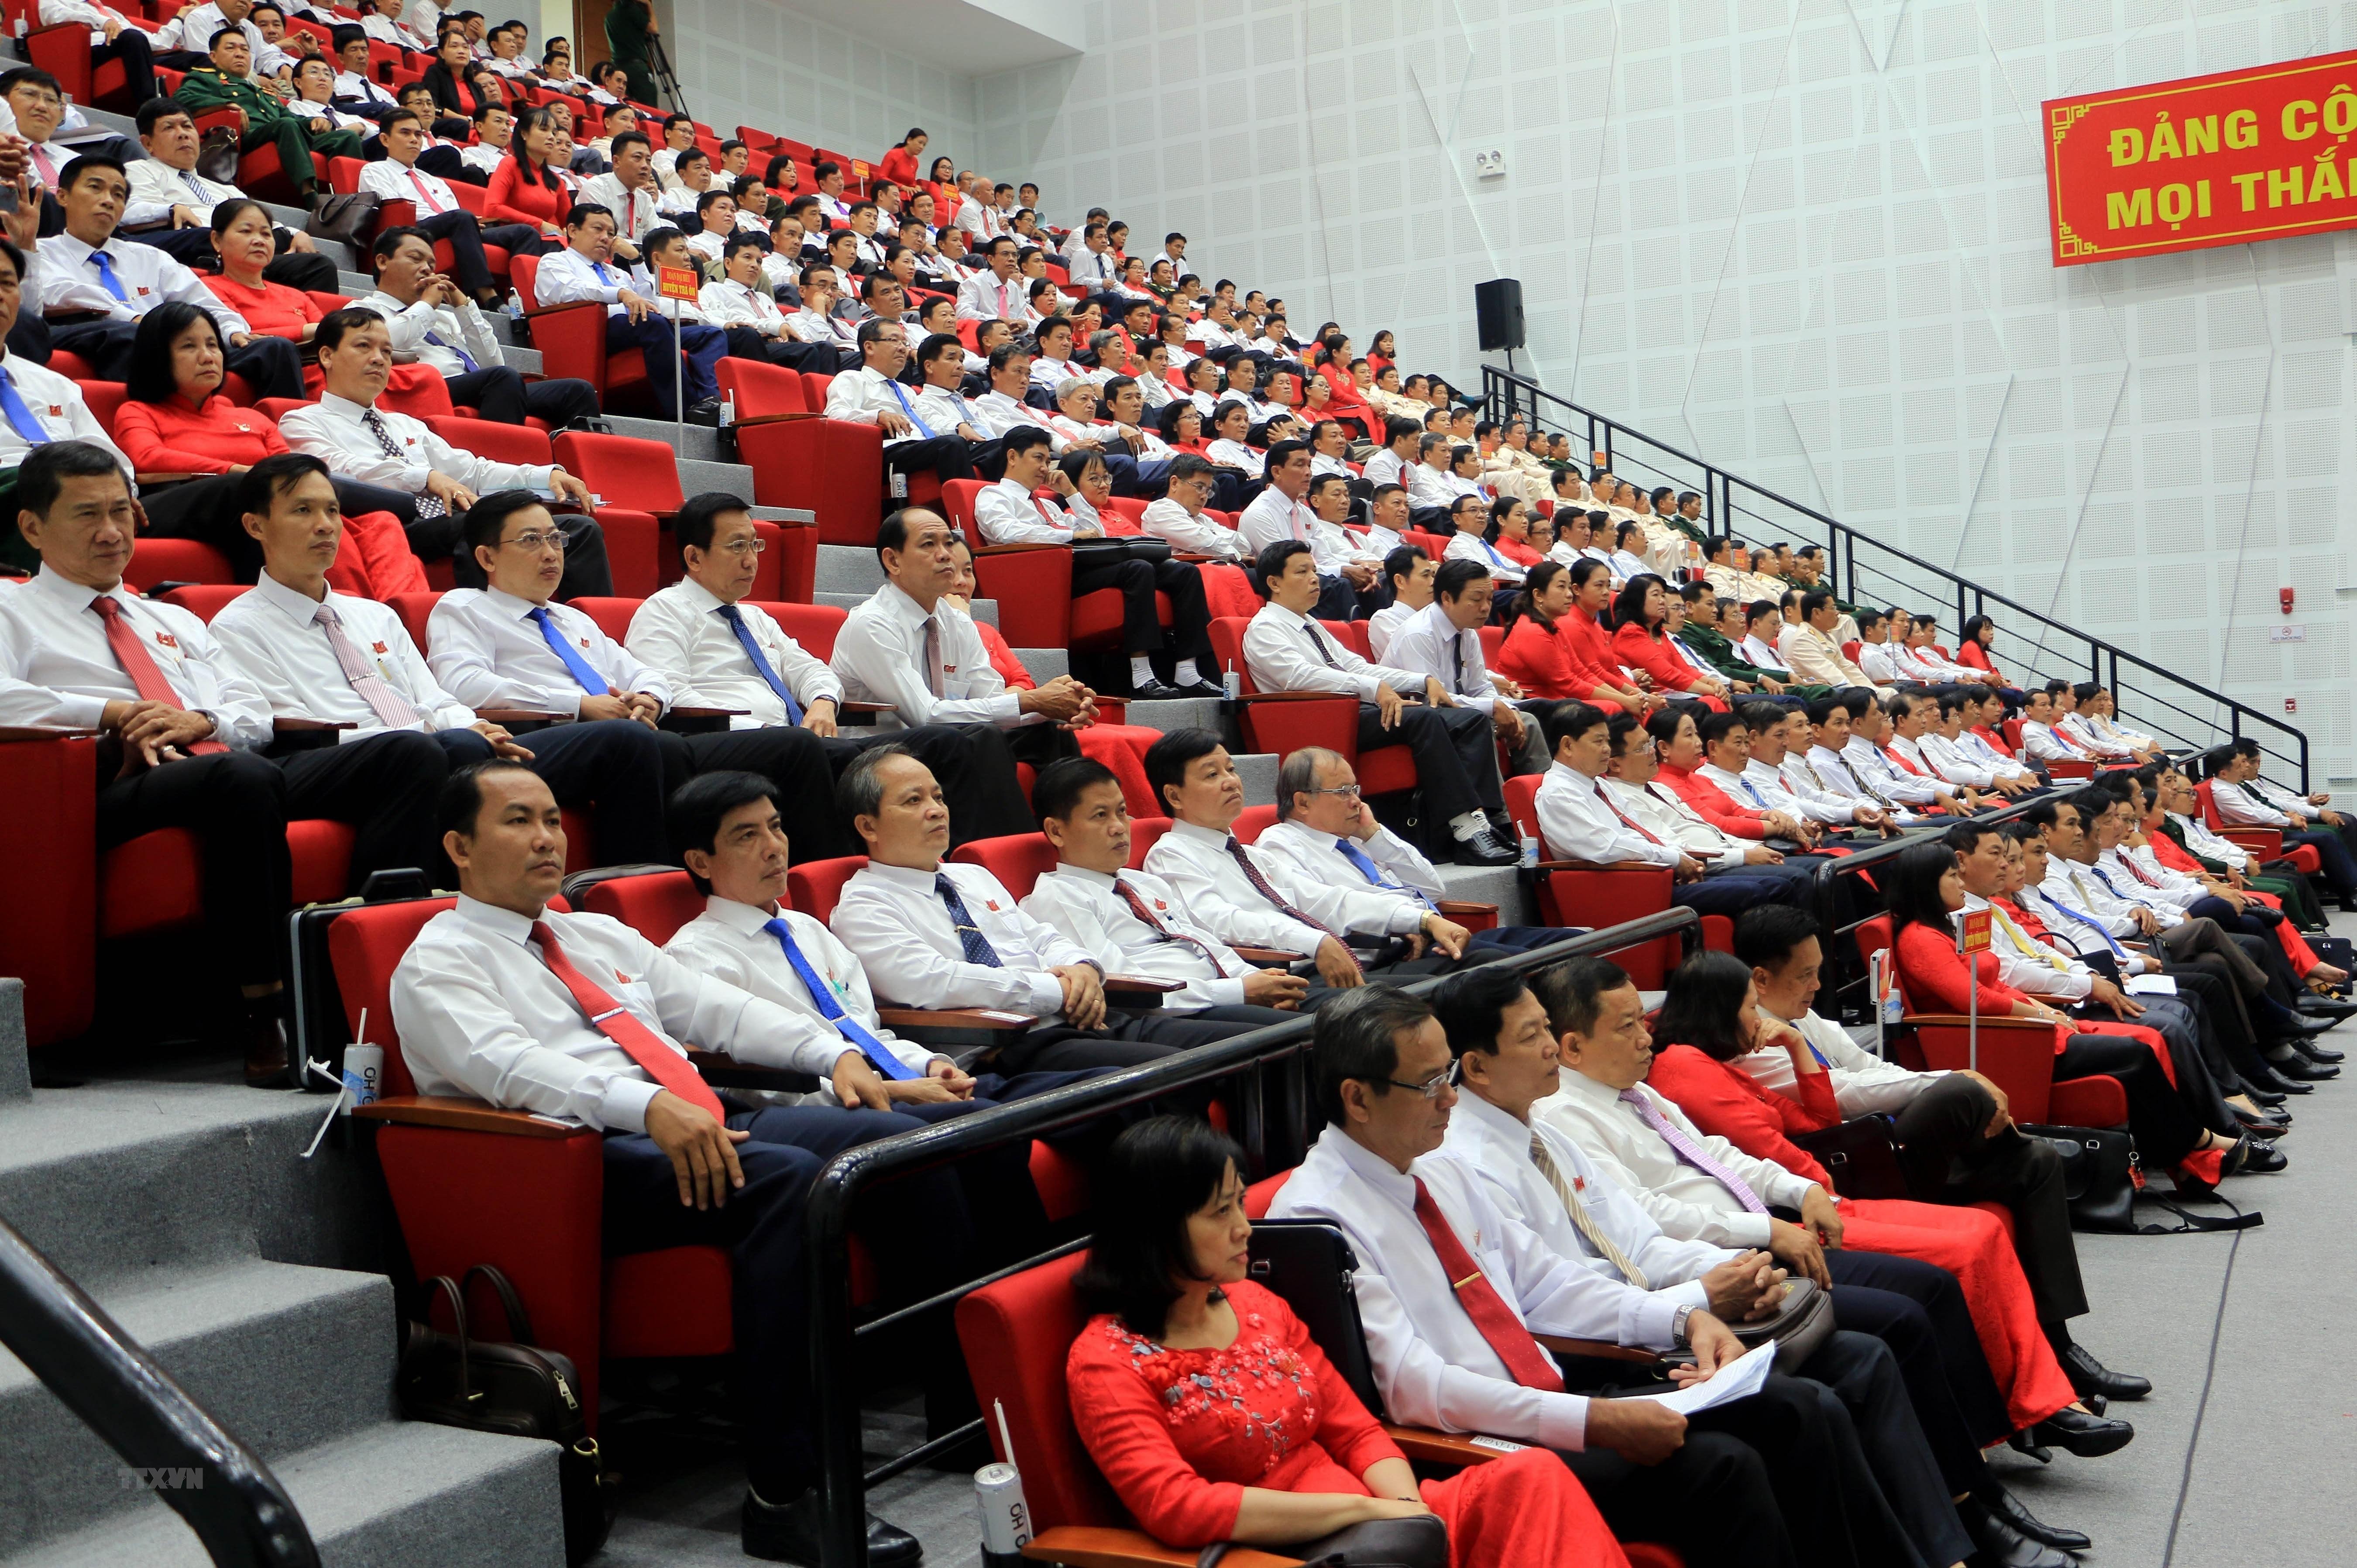 [Photo] Khai mac Dai hoi Dang bo tinh Vinh Long nhiem ky 2020-2025 hinh anh 4